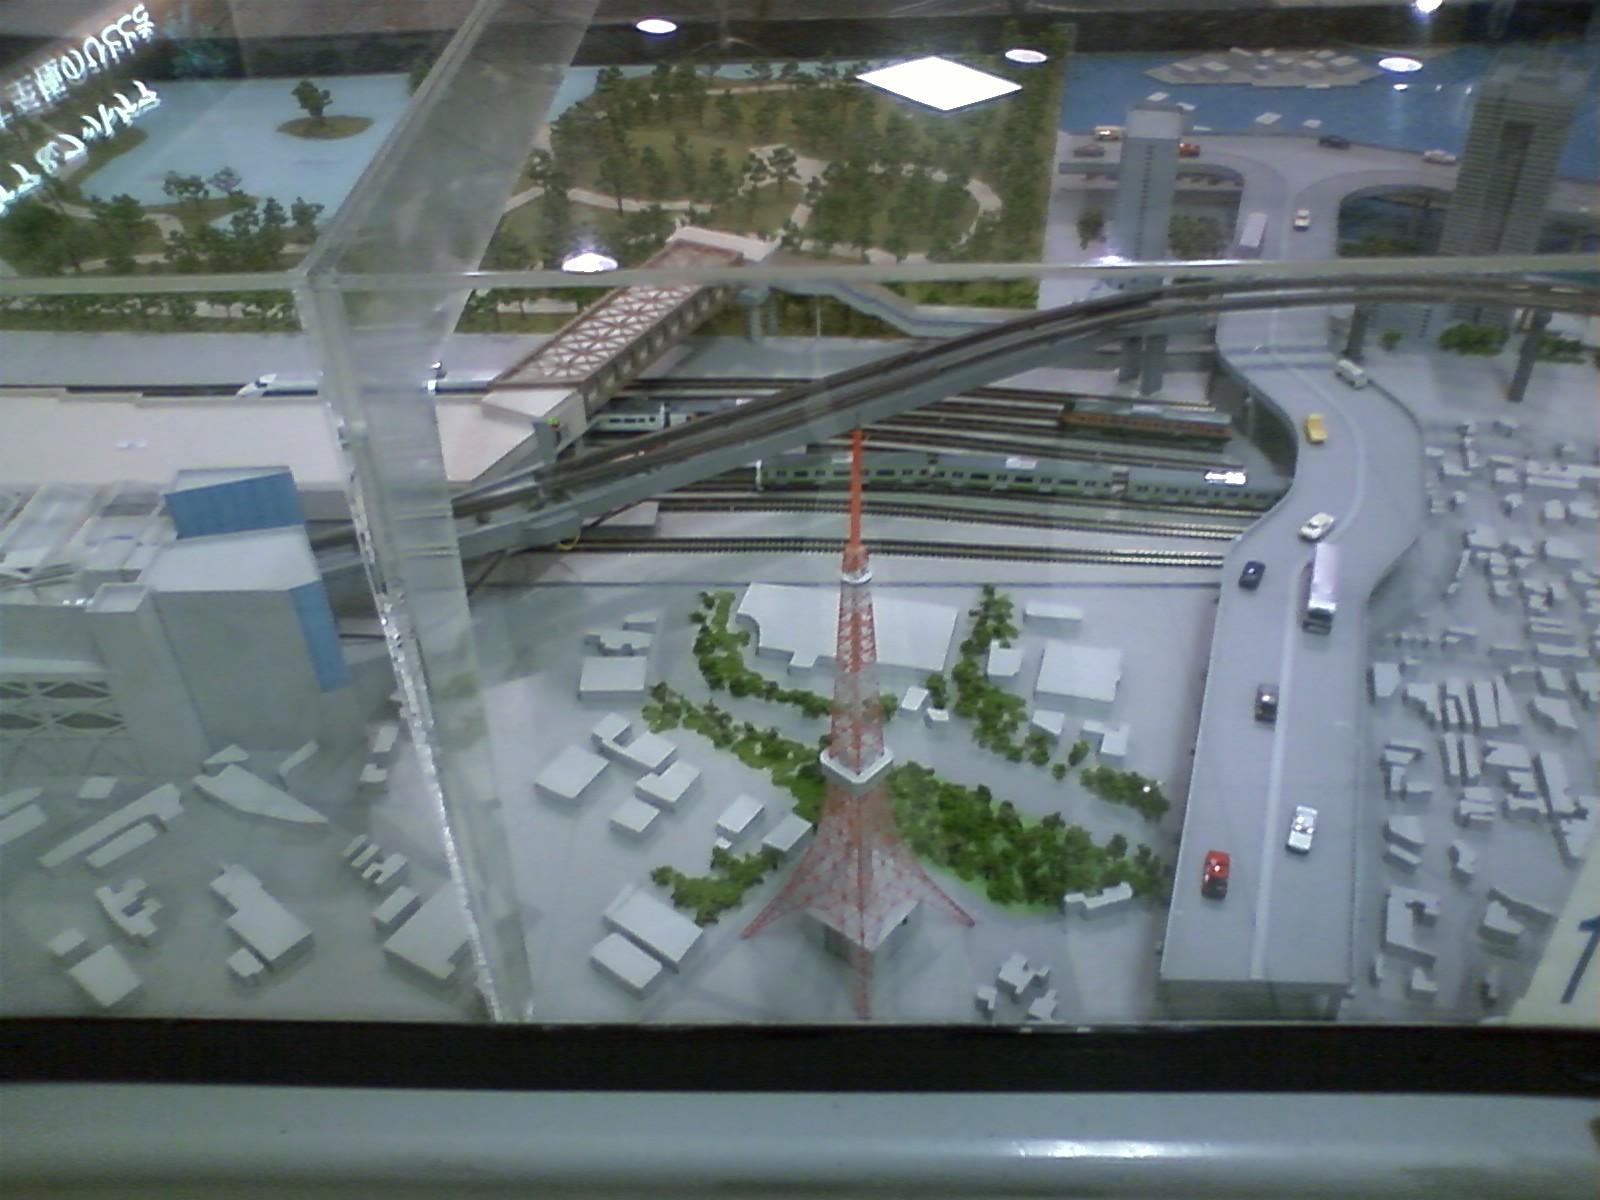 東京モノレールの模型。動かしてみたかったけれど、自重。。。